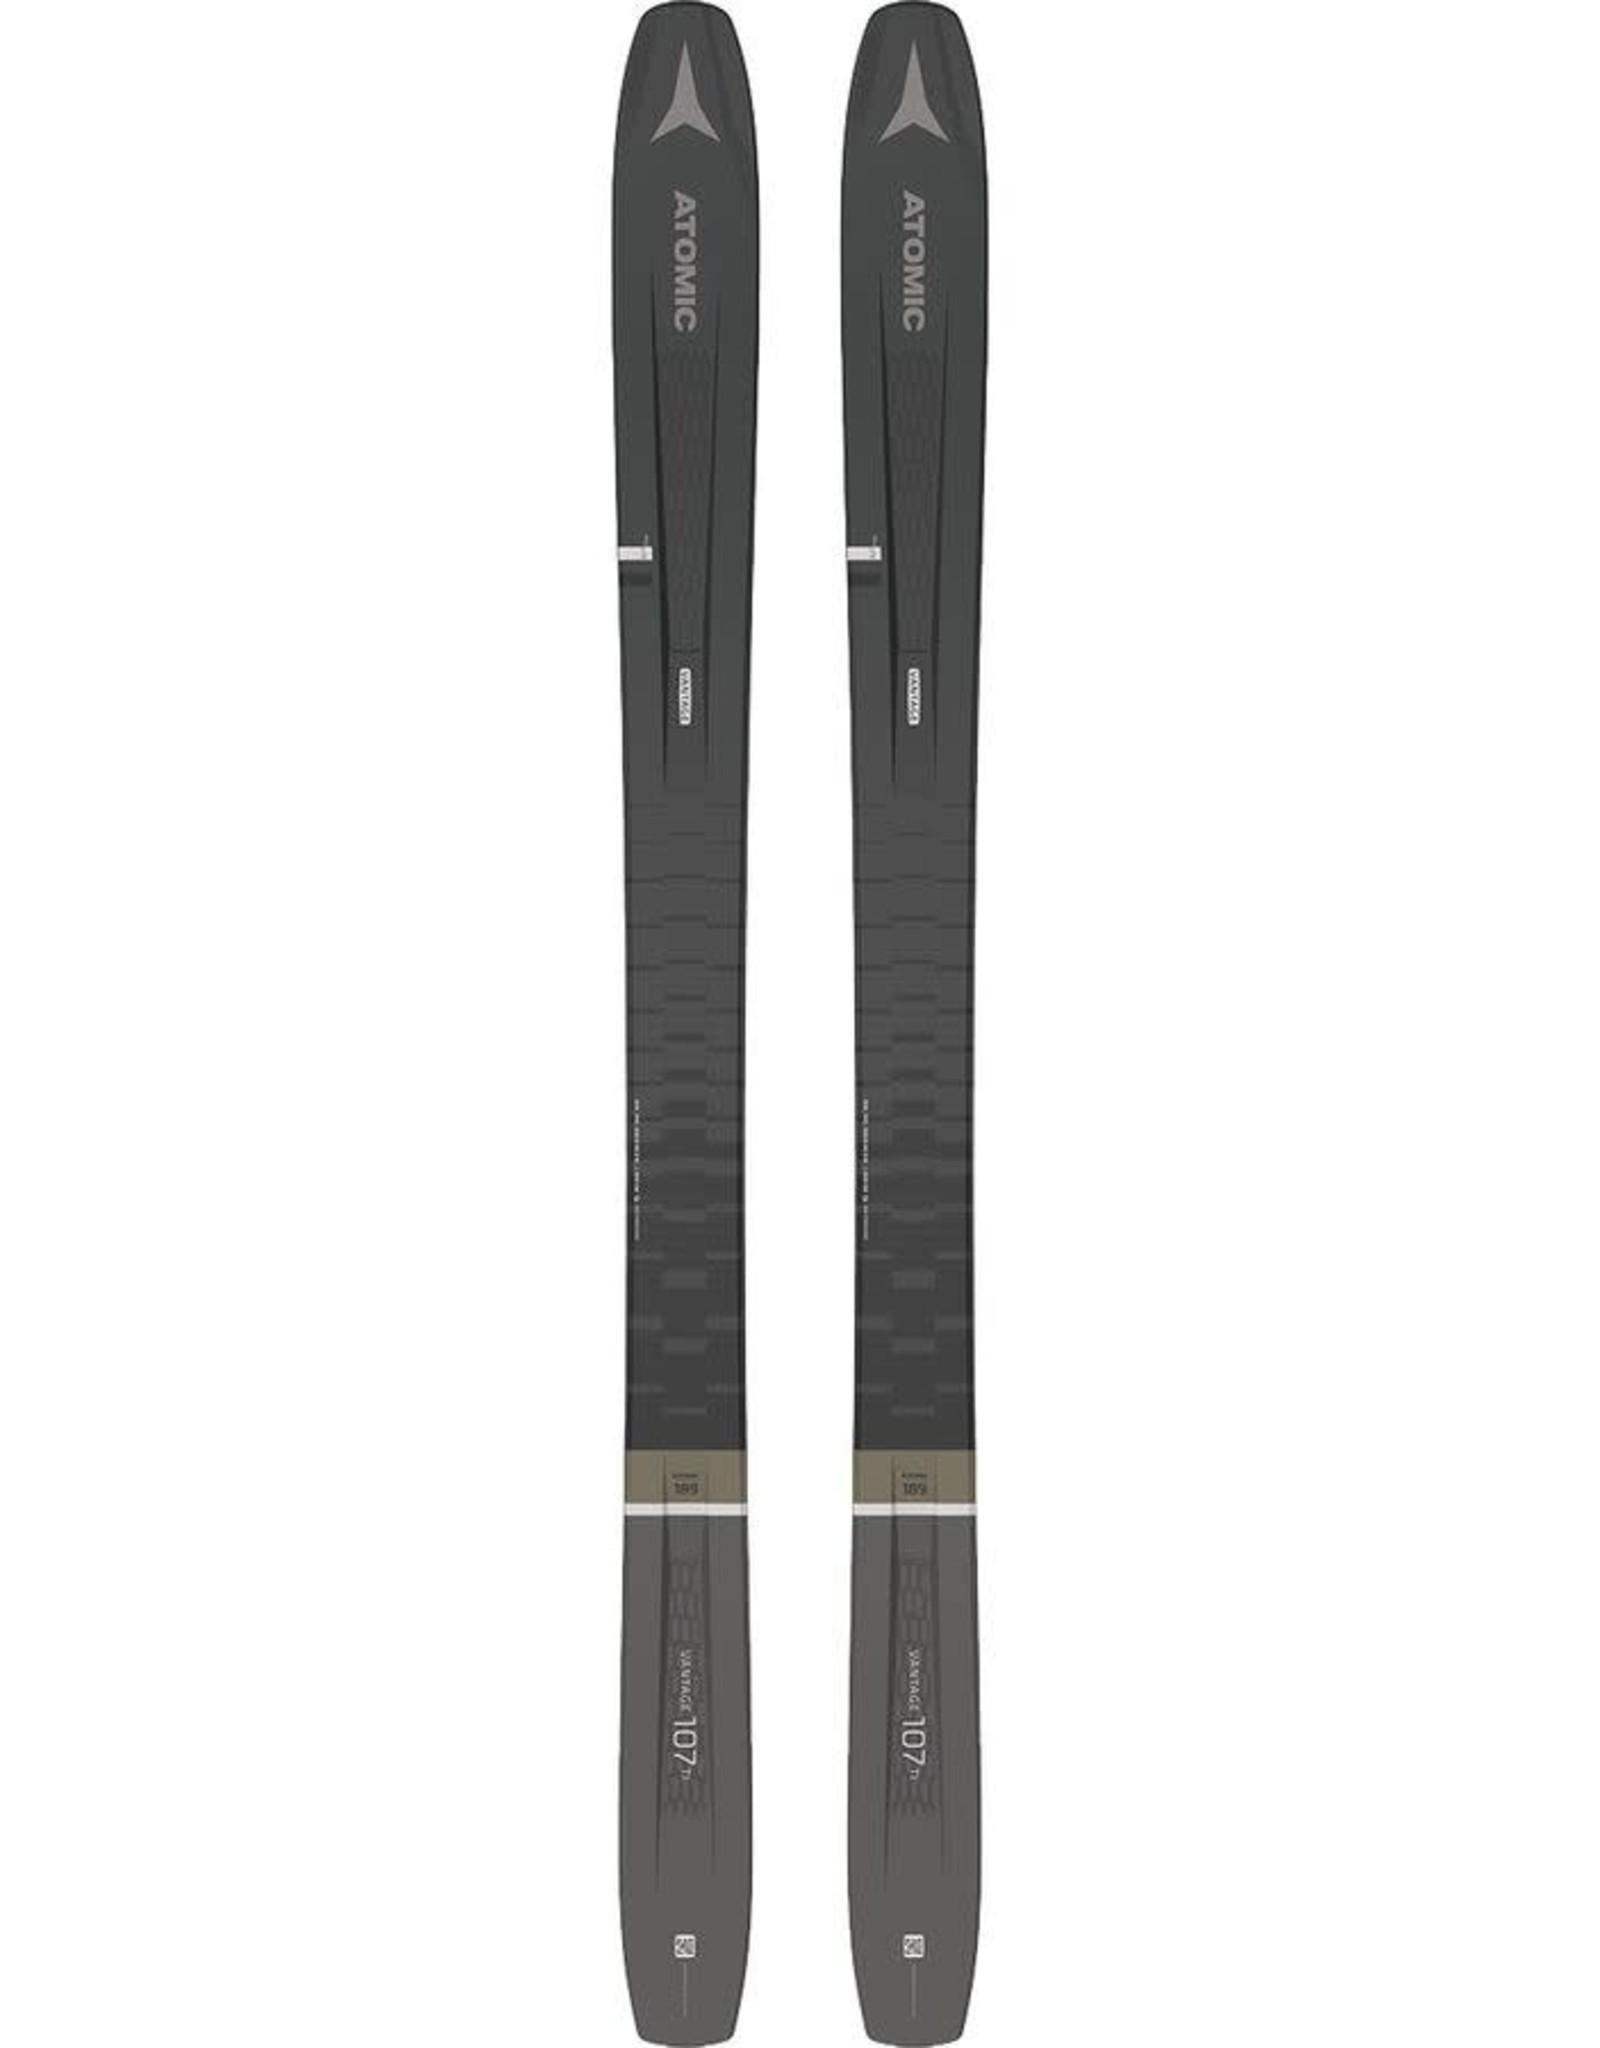 ATOMIC ATOMIC Skis VANTAGE 107 Ti (20/21)